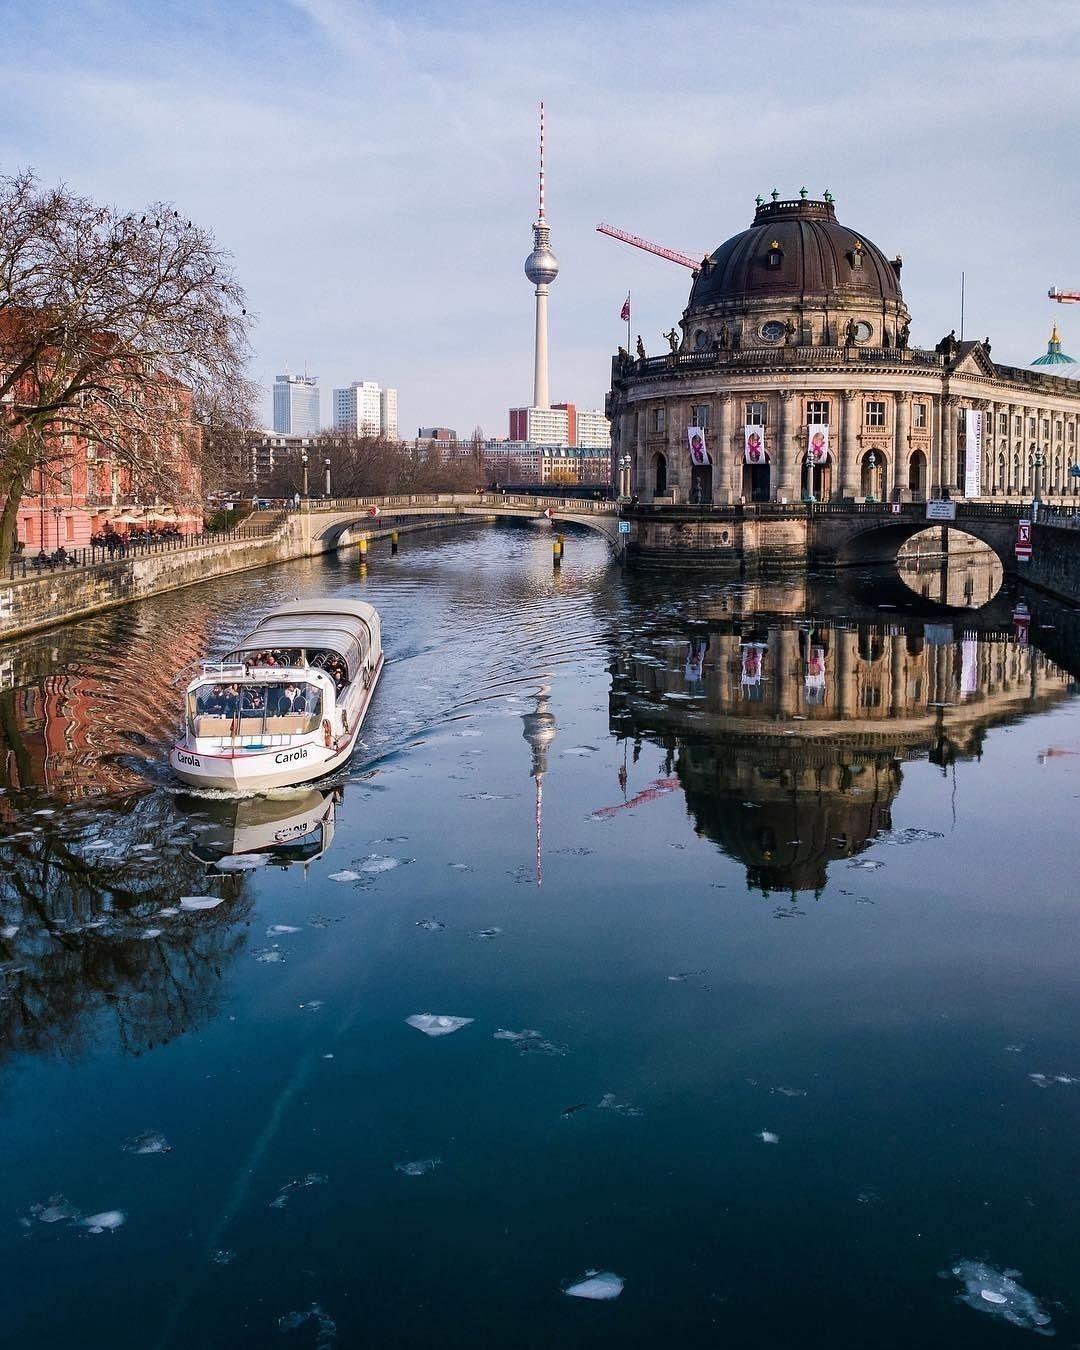 Best Berlin Photos On Instagram Explore The Most Beautiful Places In Berlin Best Berlin Photos Most Beautiful Places Berlin Photos Beautiful Places